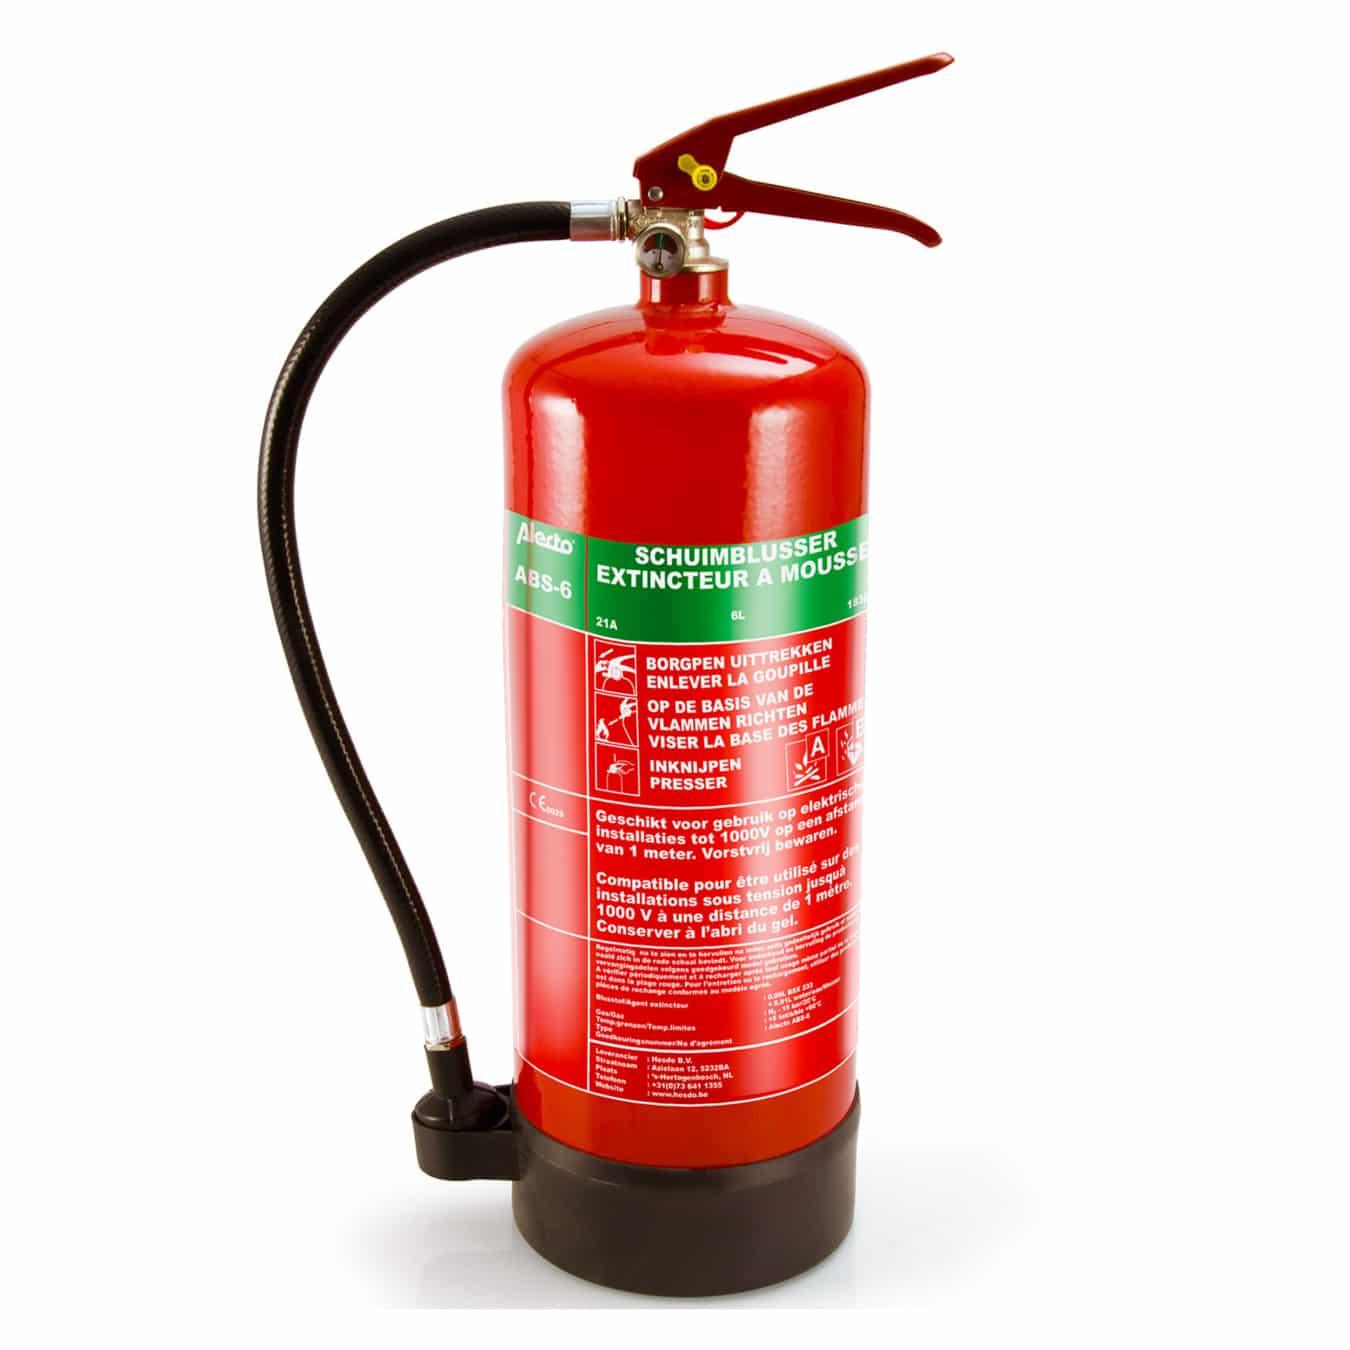 Koop Alecto ABS-6 Brandblusser schuim 6 liter (2e kans)